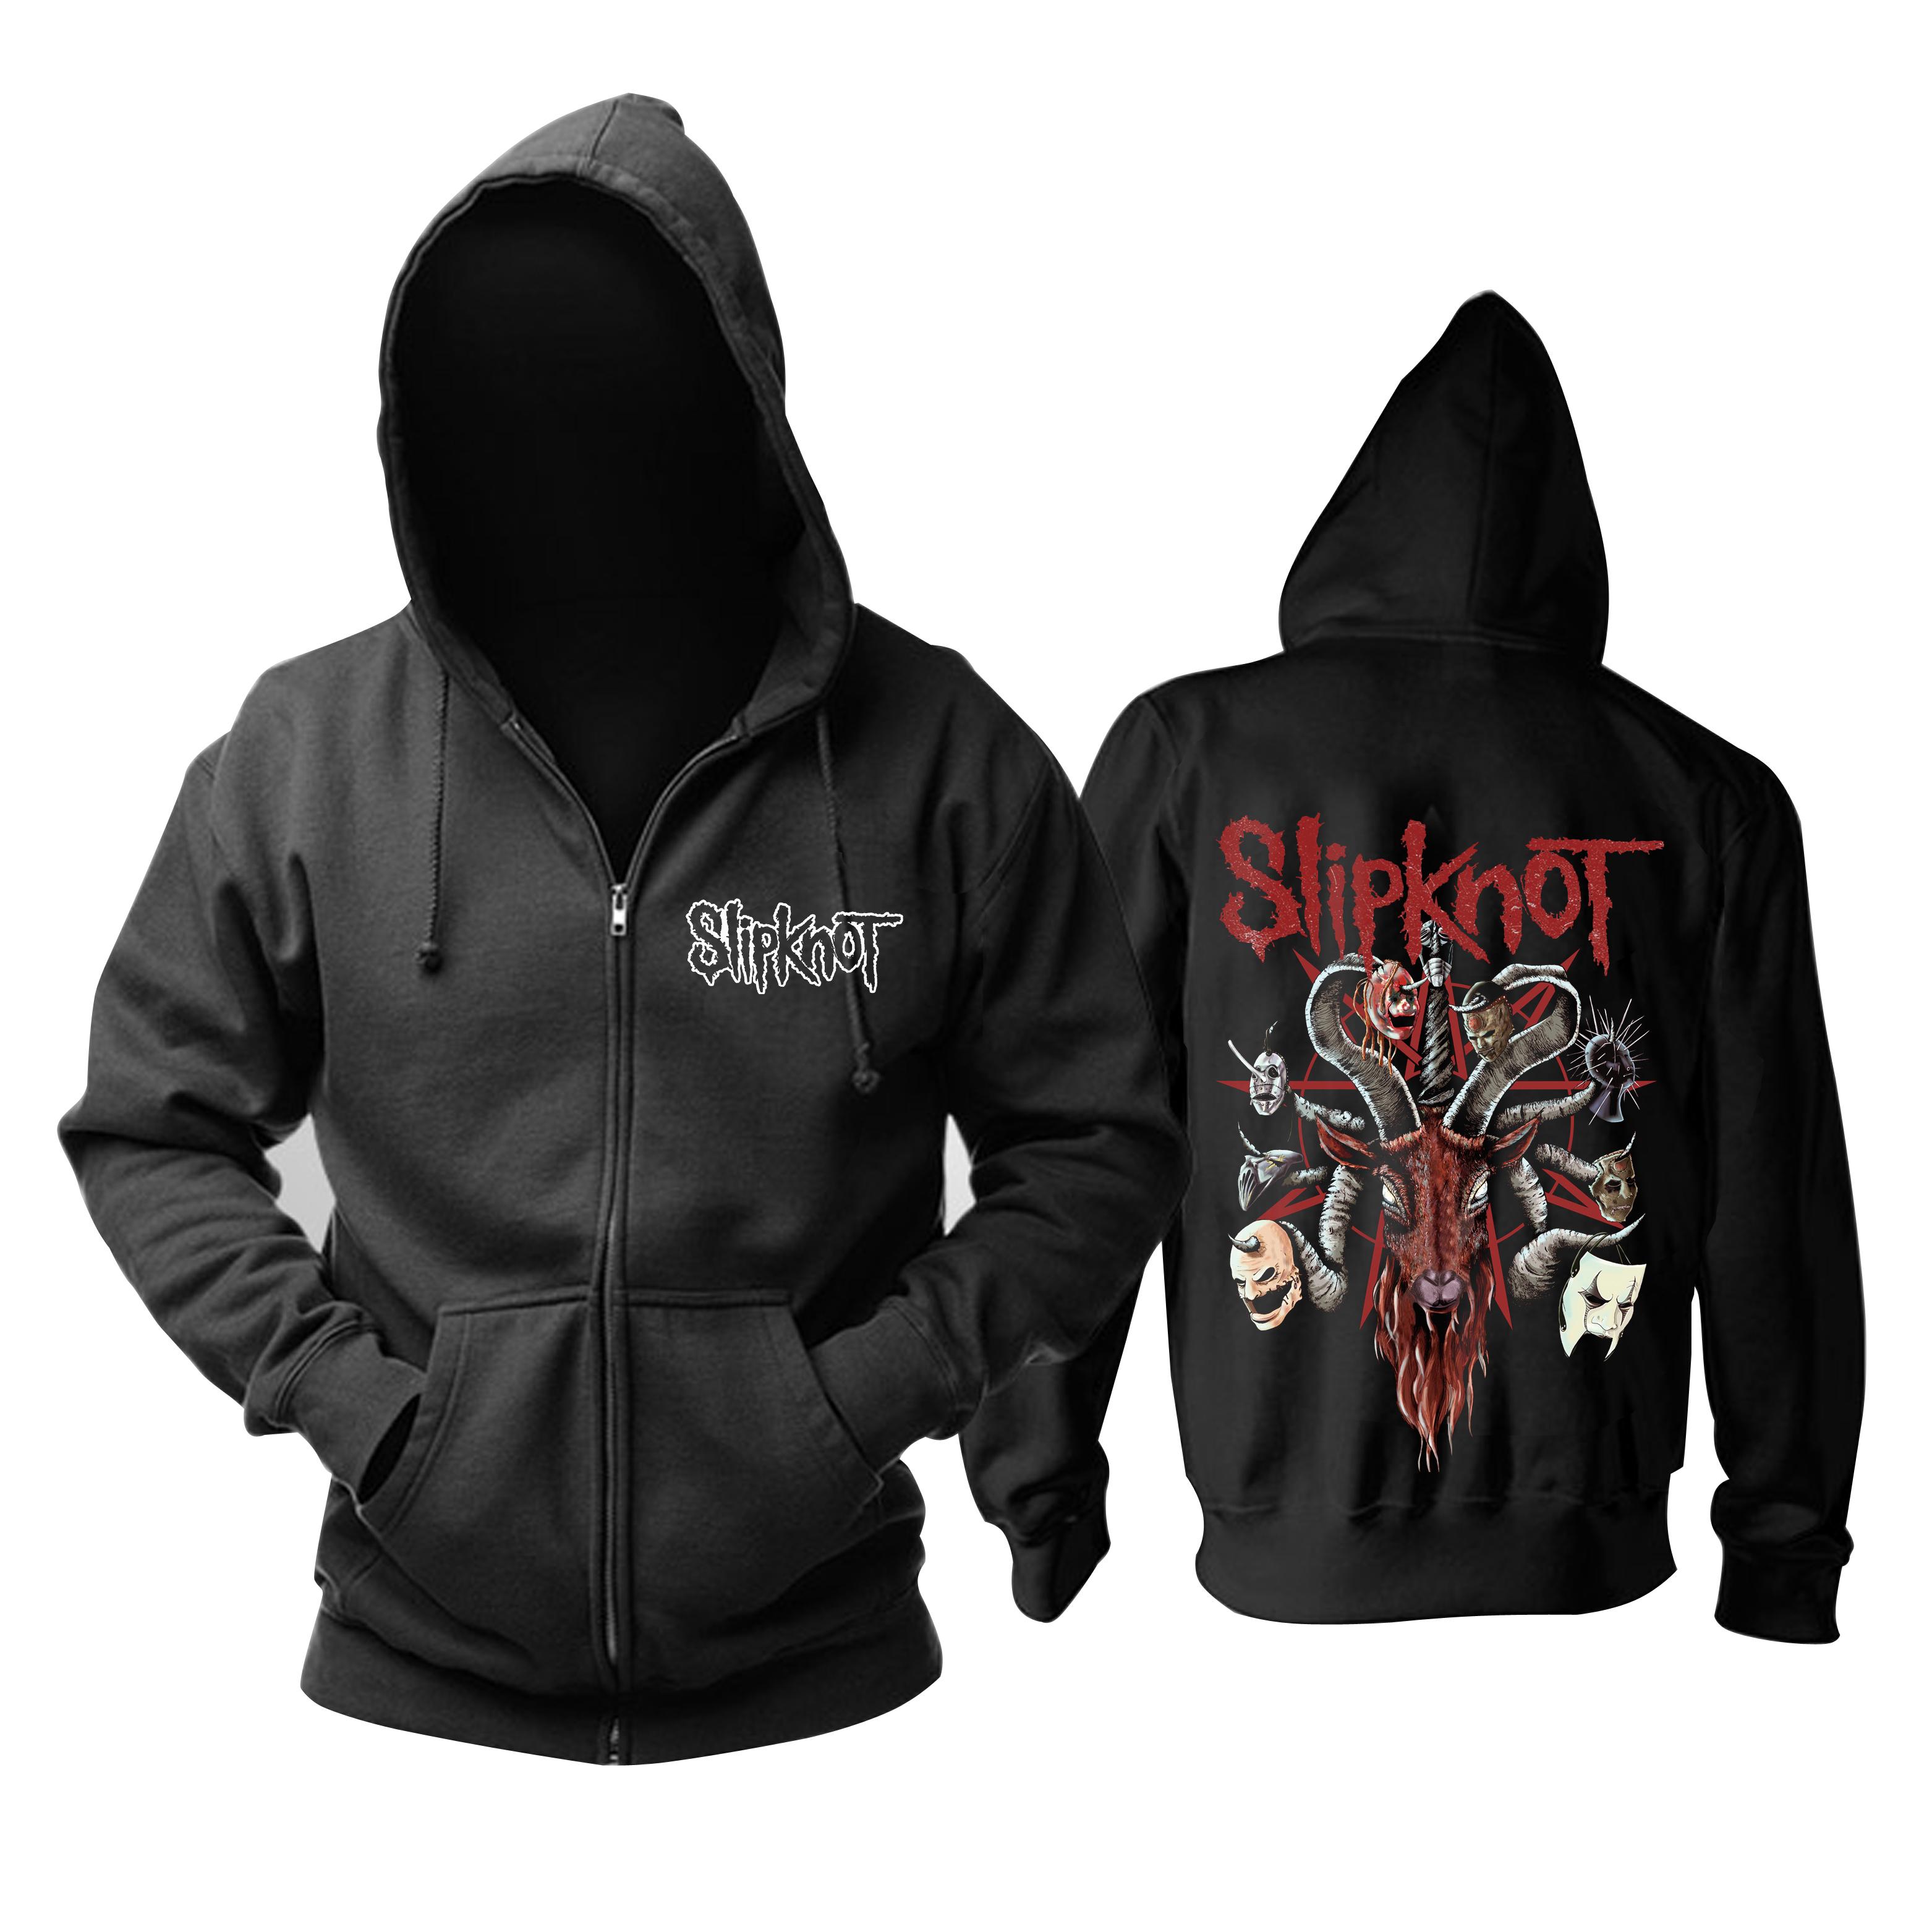 Merchandise Hoodie Slipknot Goat Masks Pullover